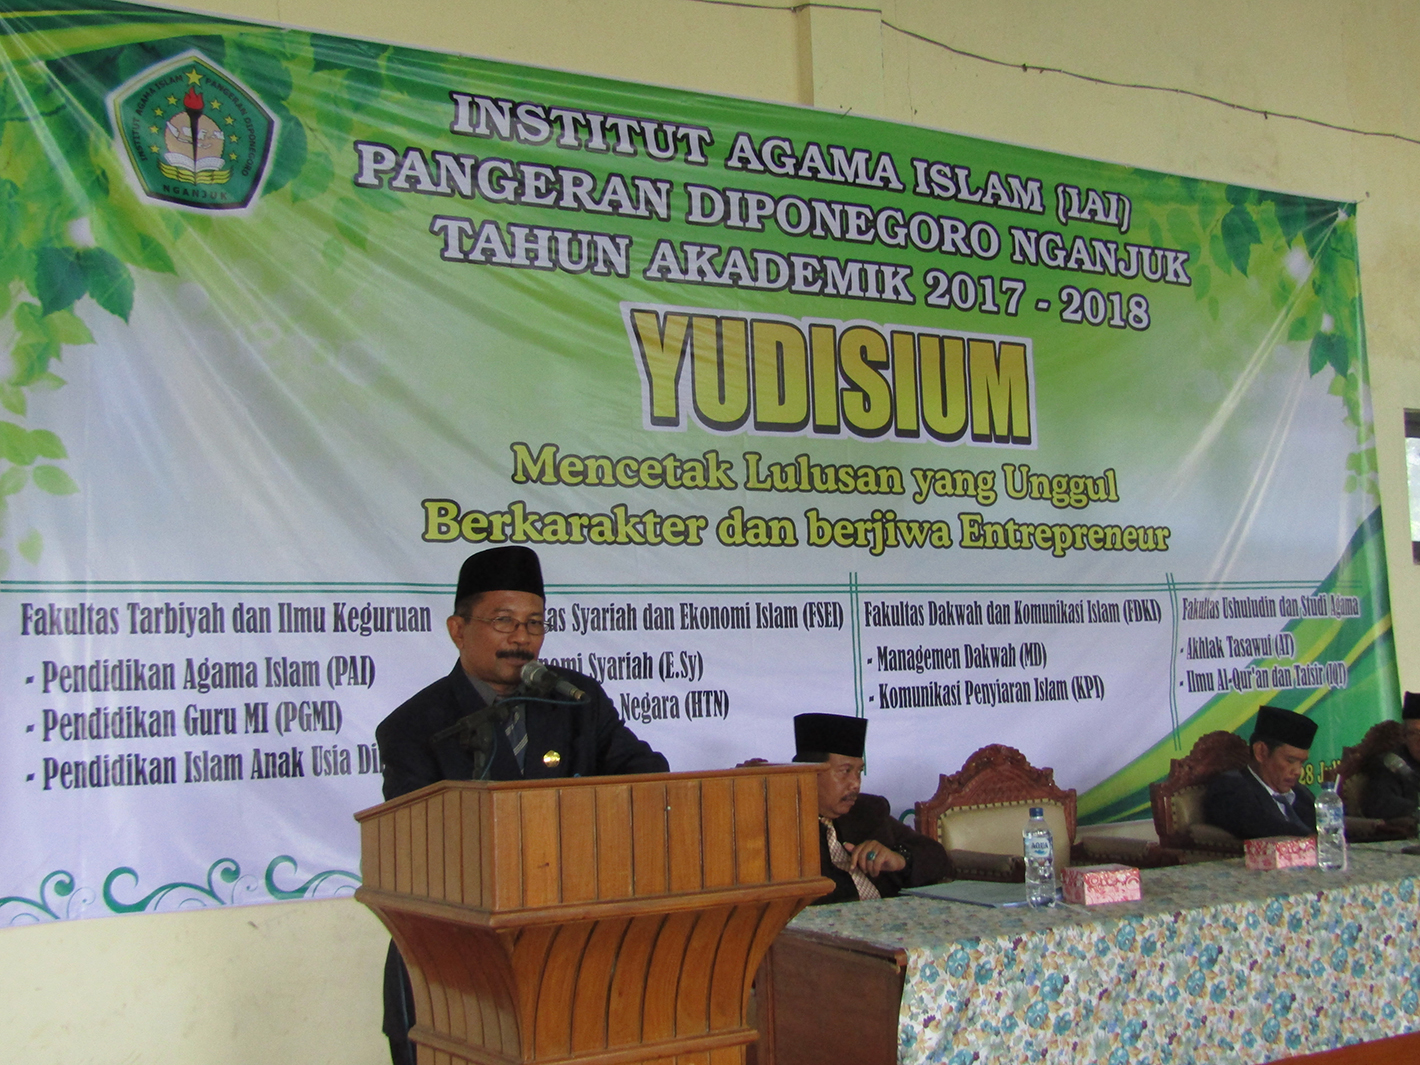 Fakultas Syariah Dan Ekonomi Islam (FSEI)